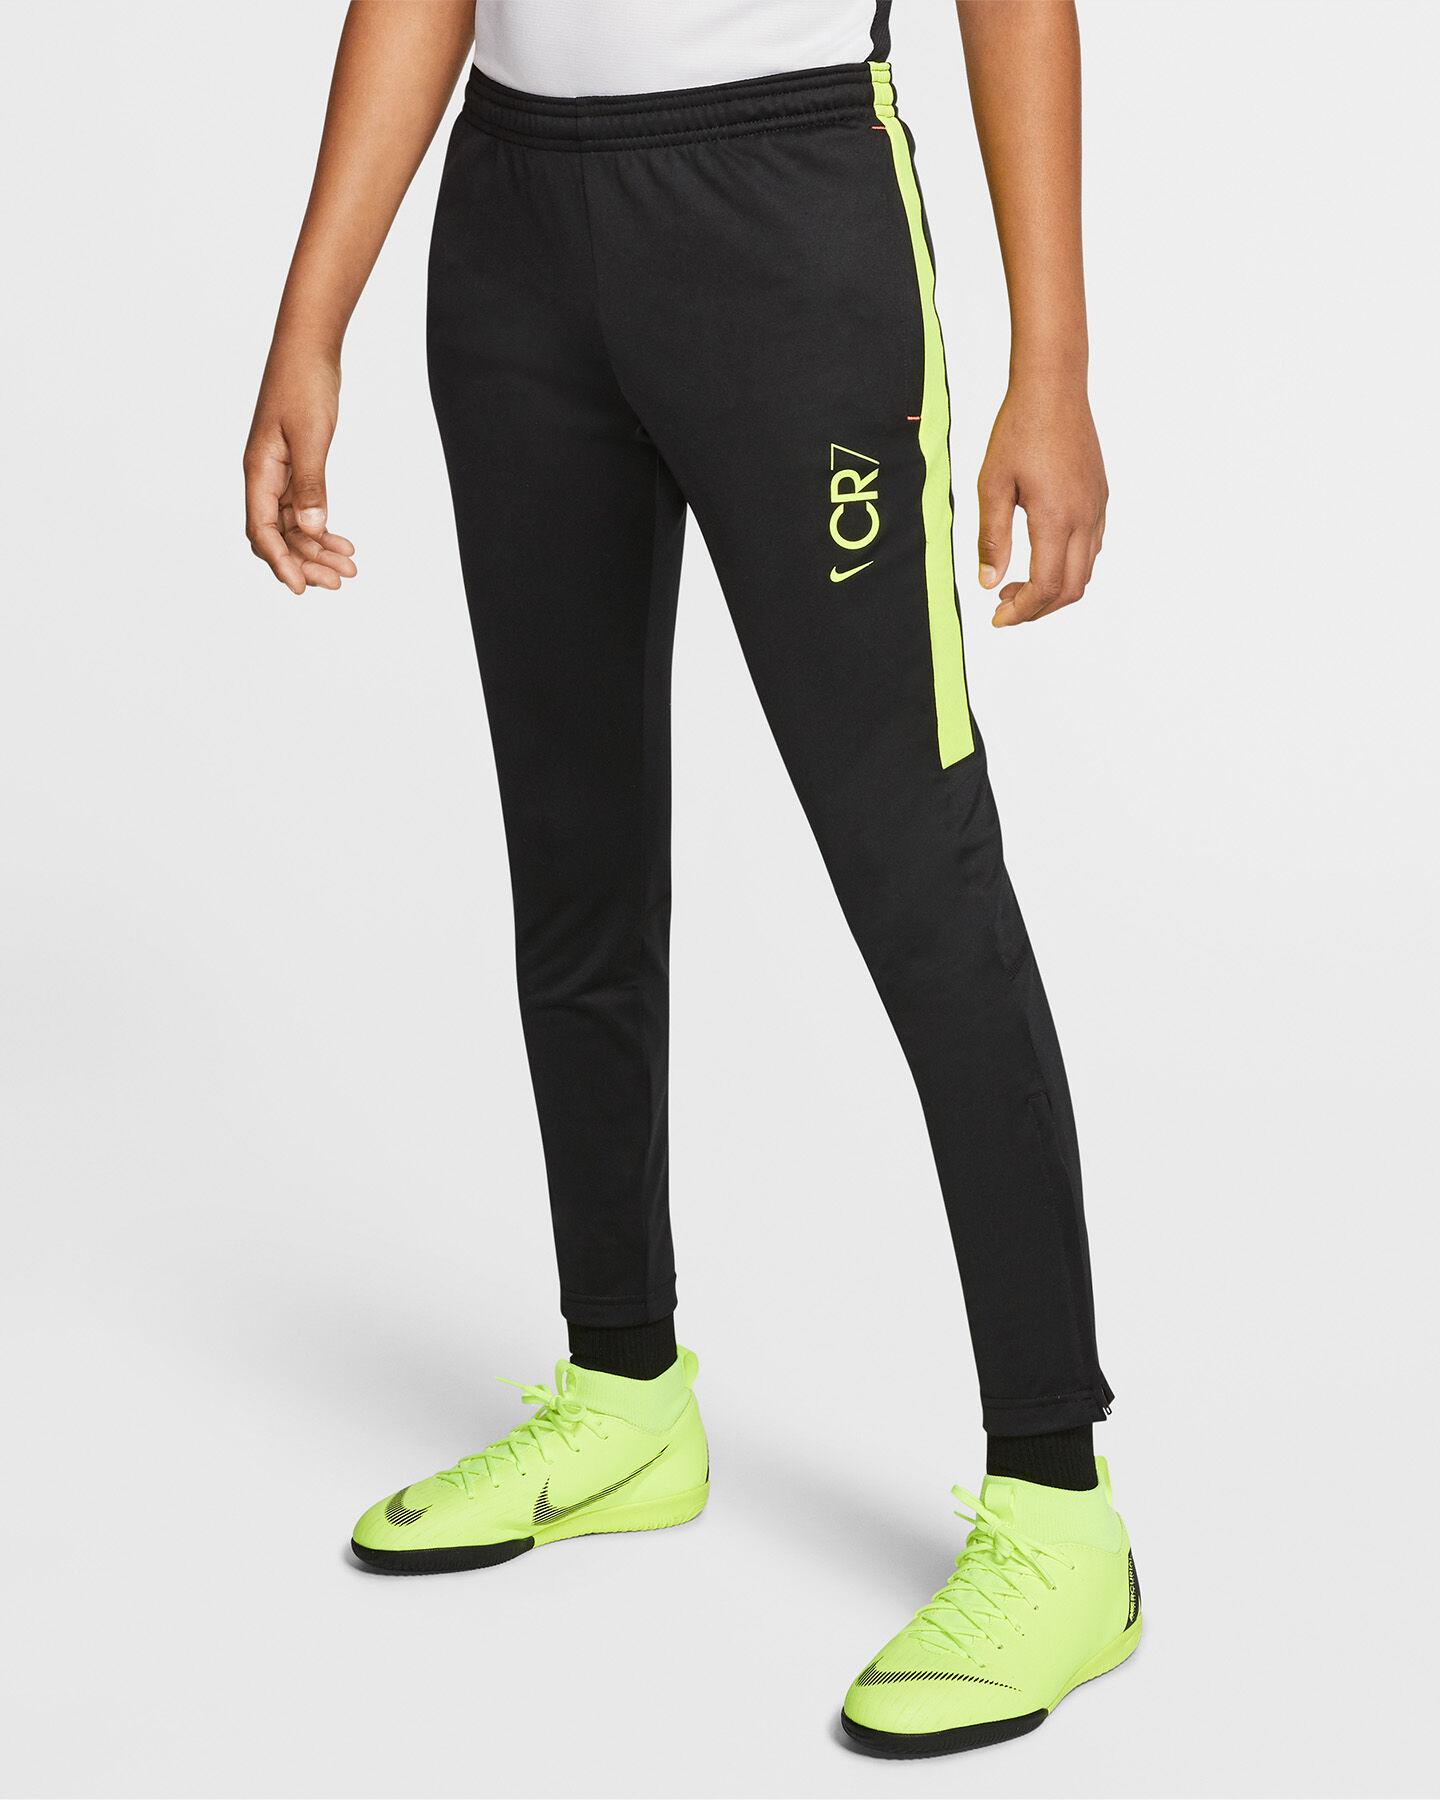 Pantaloncini calcio NIKE DRI-FIT CR7 JR S5163722 scatto 2